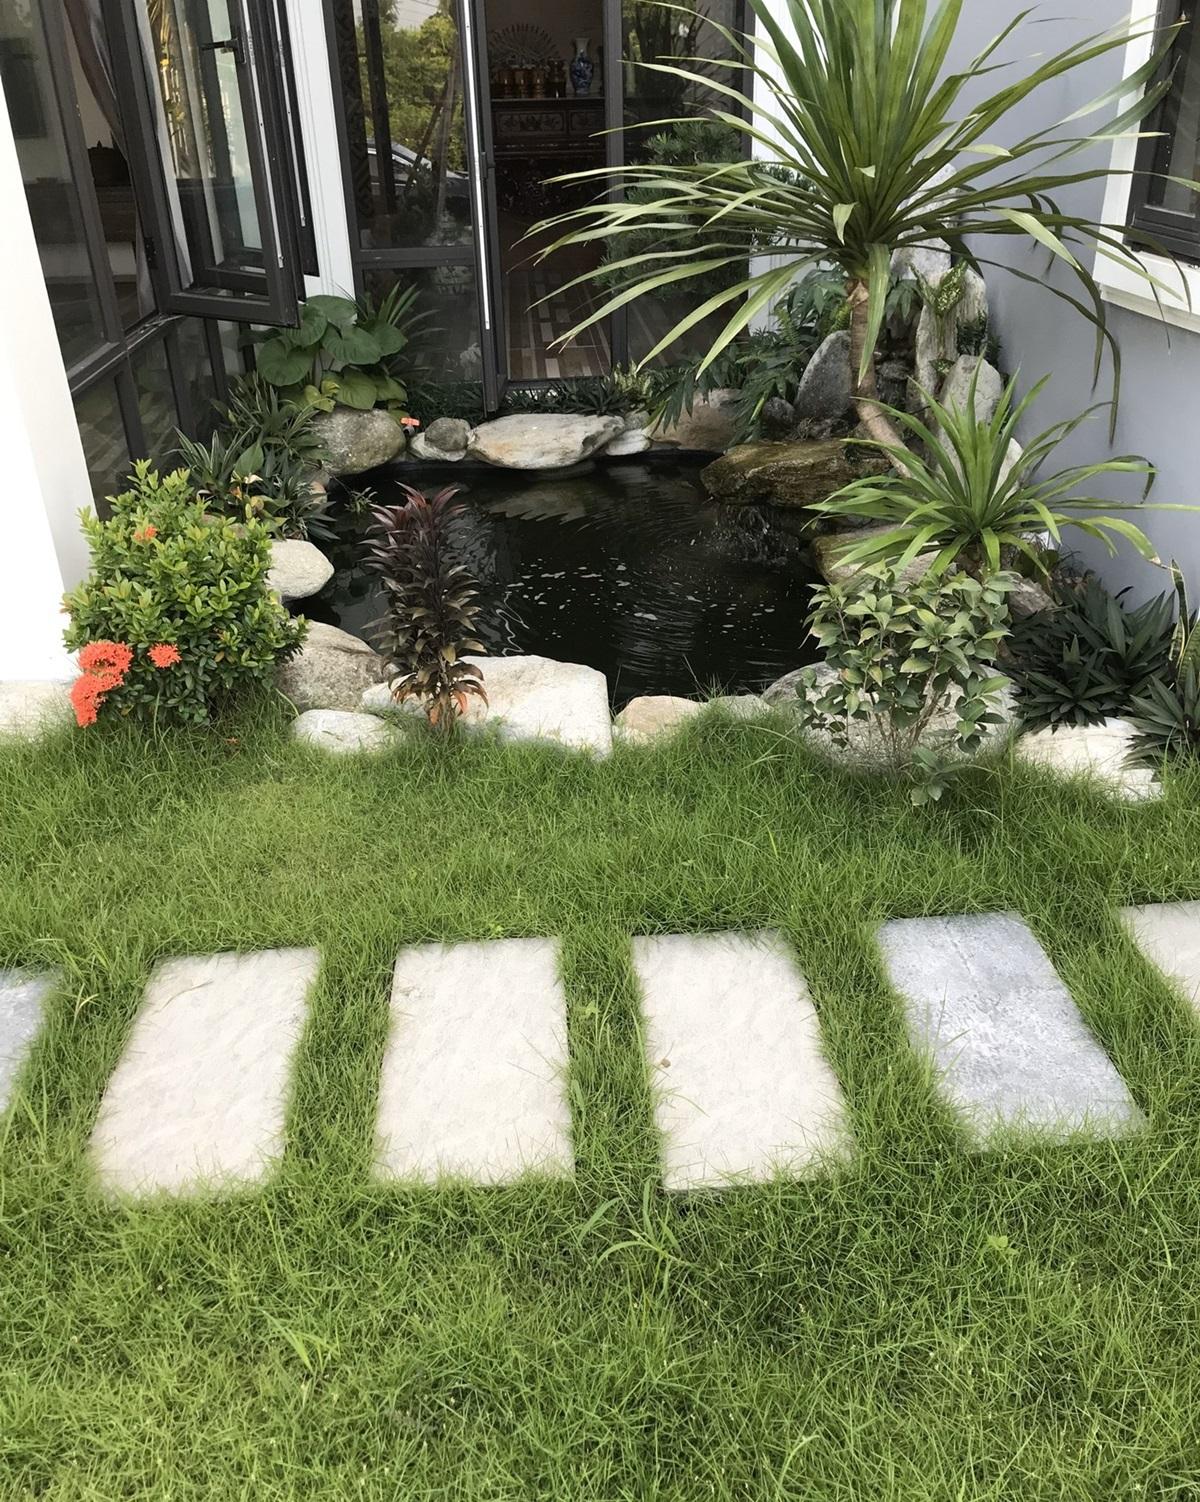 7 15987998998771019848381 - Con trai xây nhà vườn bên đồng lúa xanh mát tặng bố mẹ an hưởng tuổi già ở Vĩnh Phúc